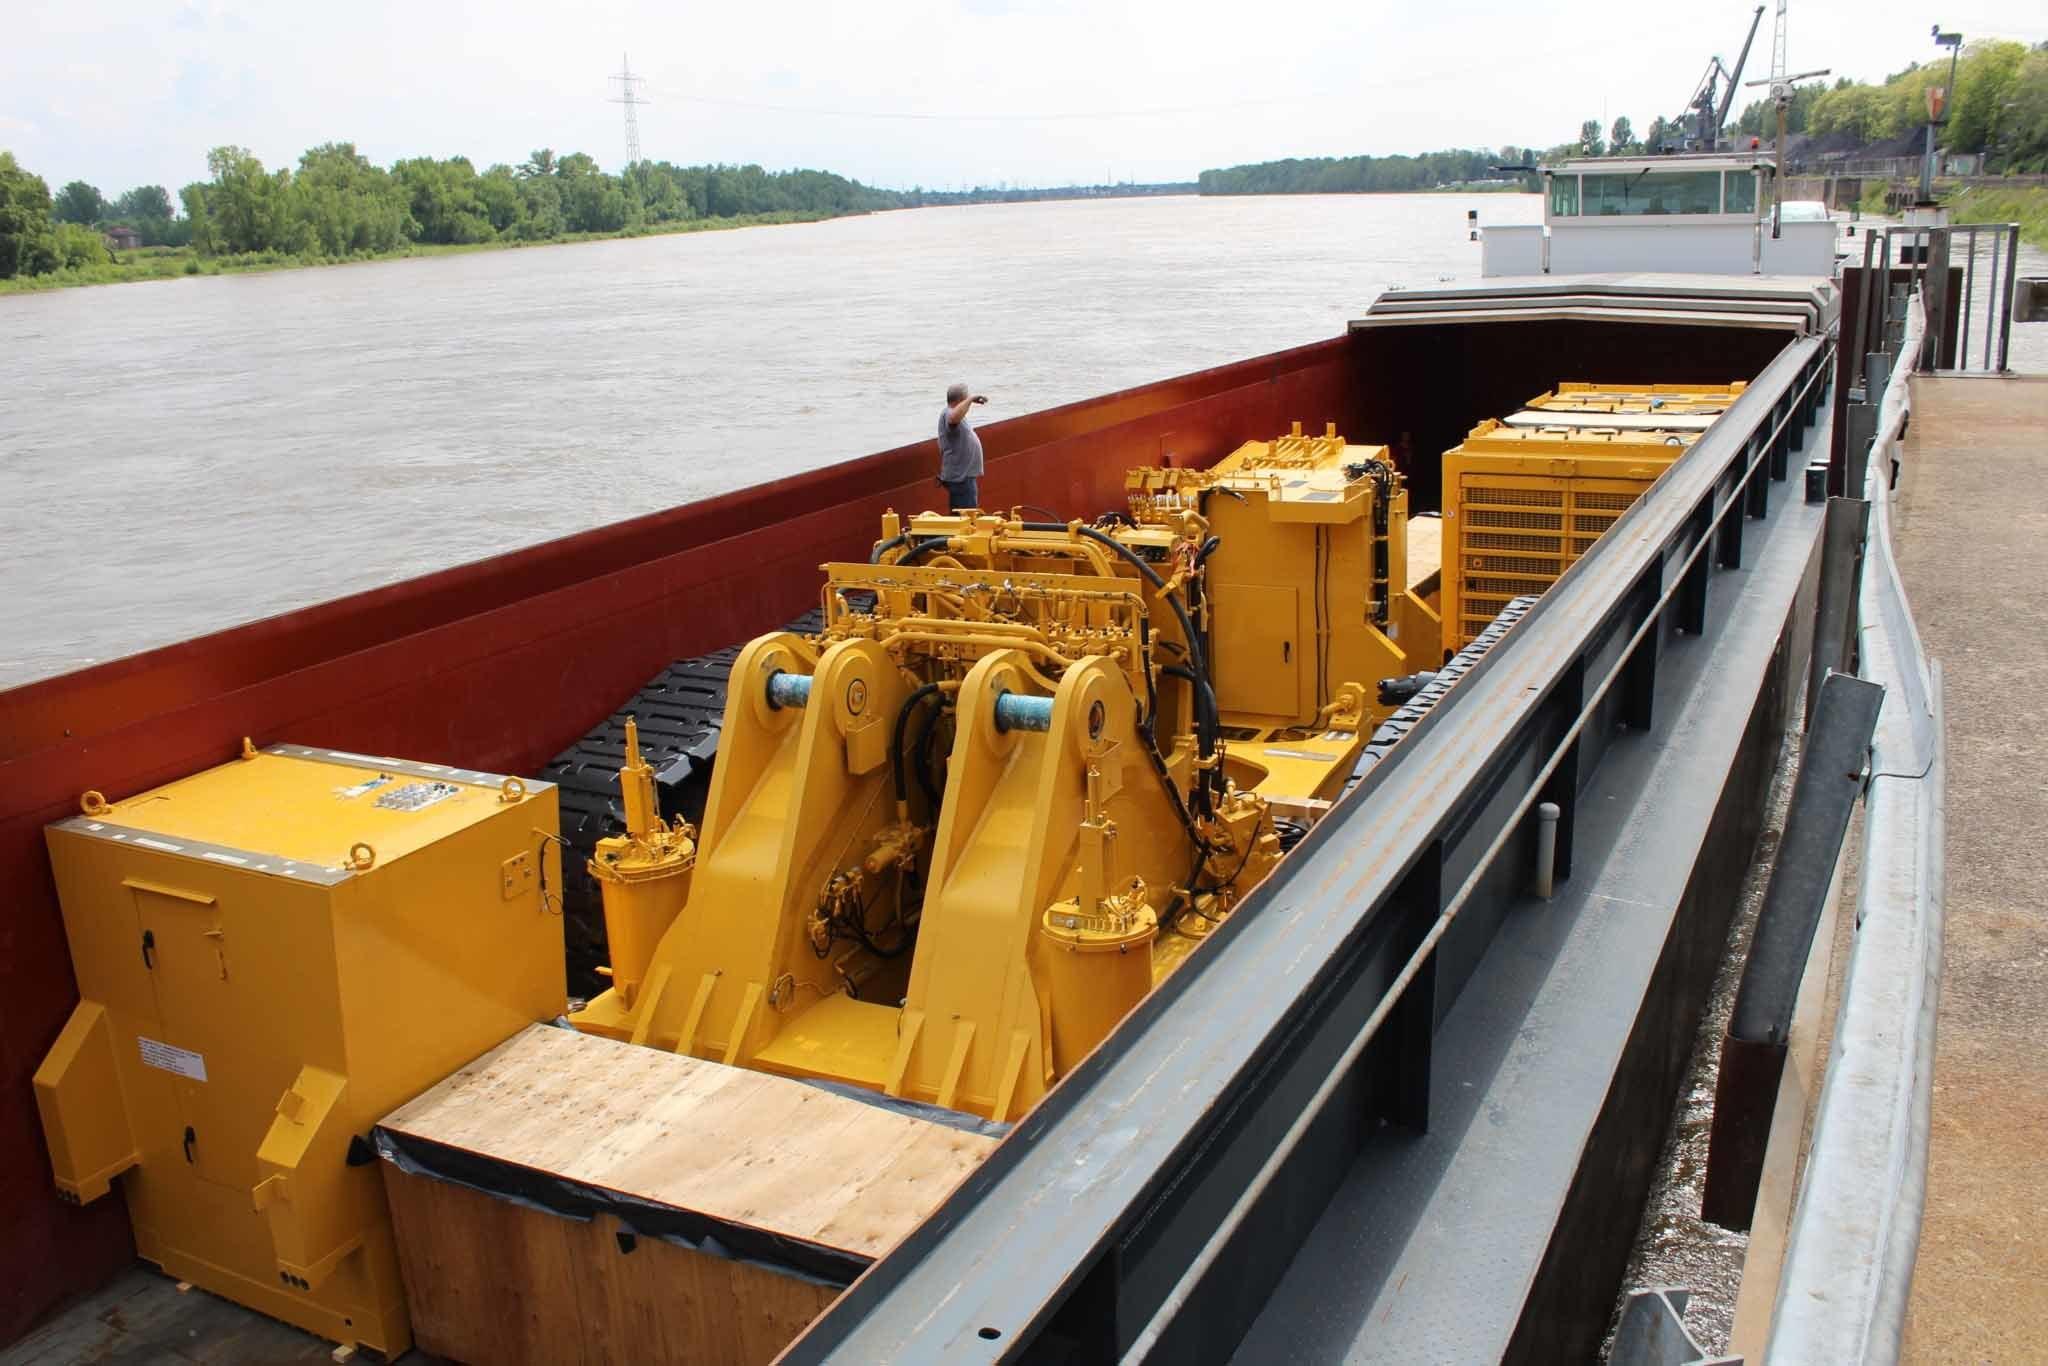 Komatsu Mining Excavator Pc4000 Barge